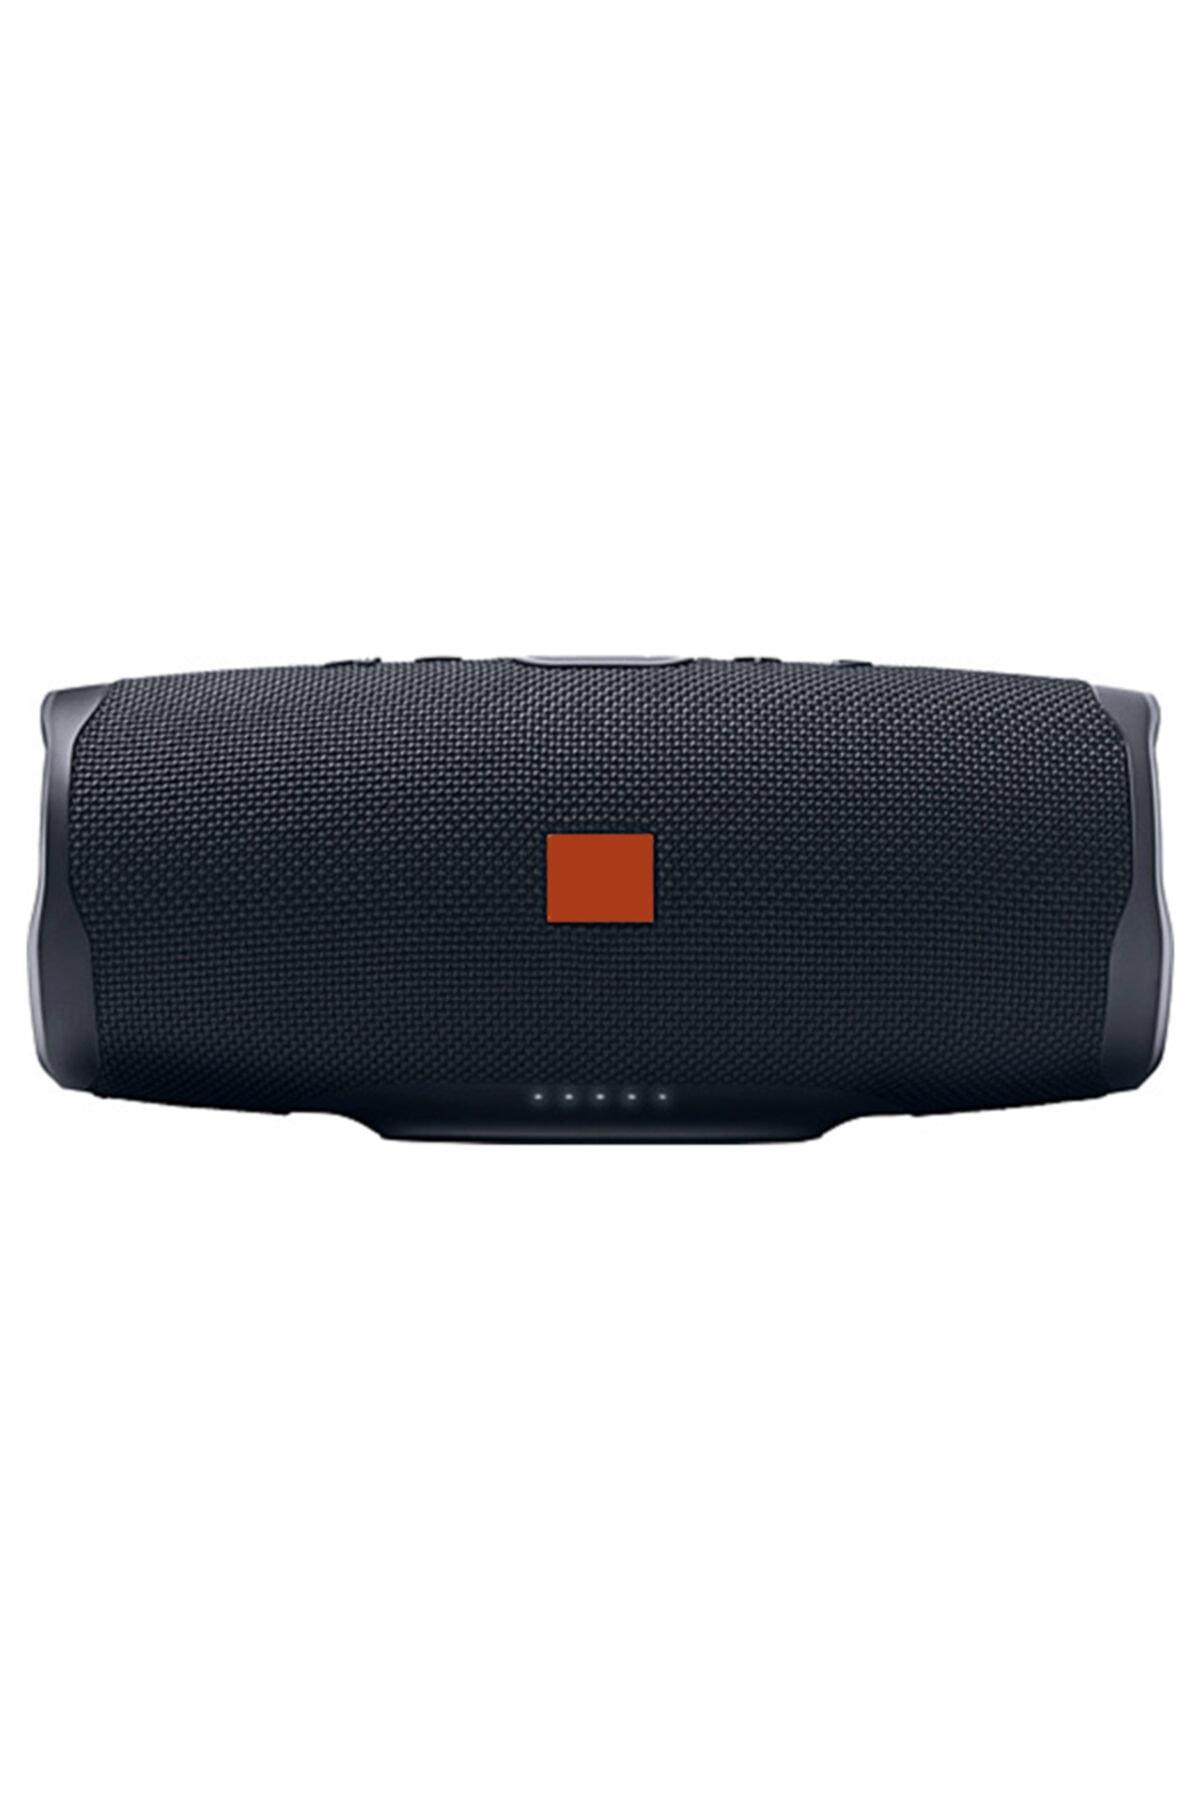 OWWOTECH Bluetooth Taşınabilir Kablosuz Bluetooth Hoparlör Speaker Pg 374  Fiyatı, Yorumları - TRENDYOL